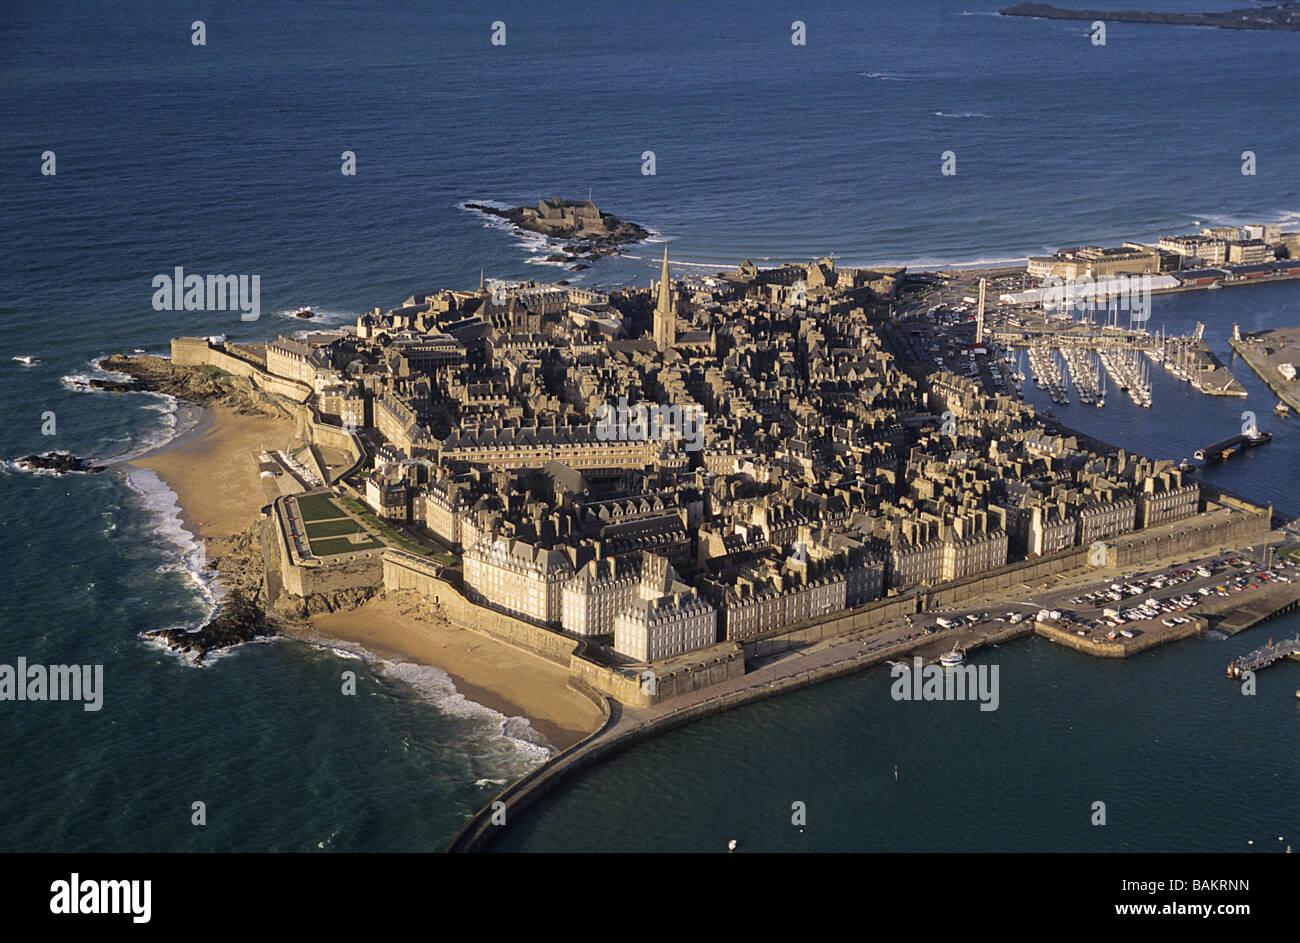 France, Ille et Vilaine, Saint Malo (aerial view Stock Photo - Alamy